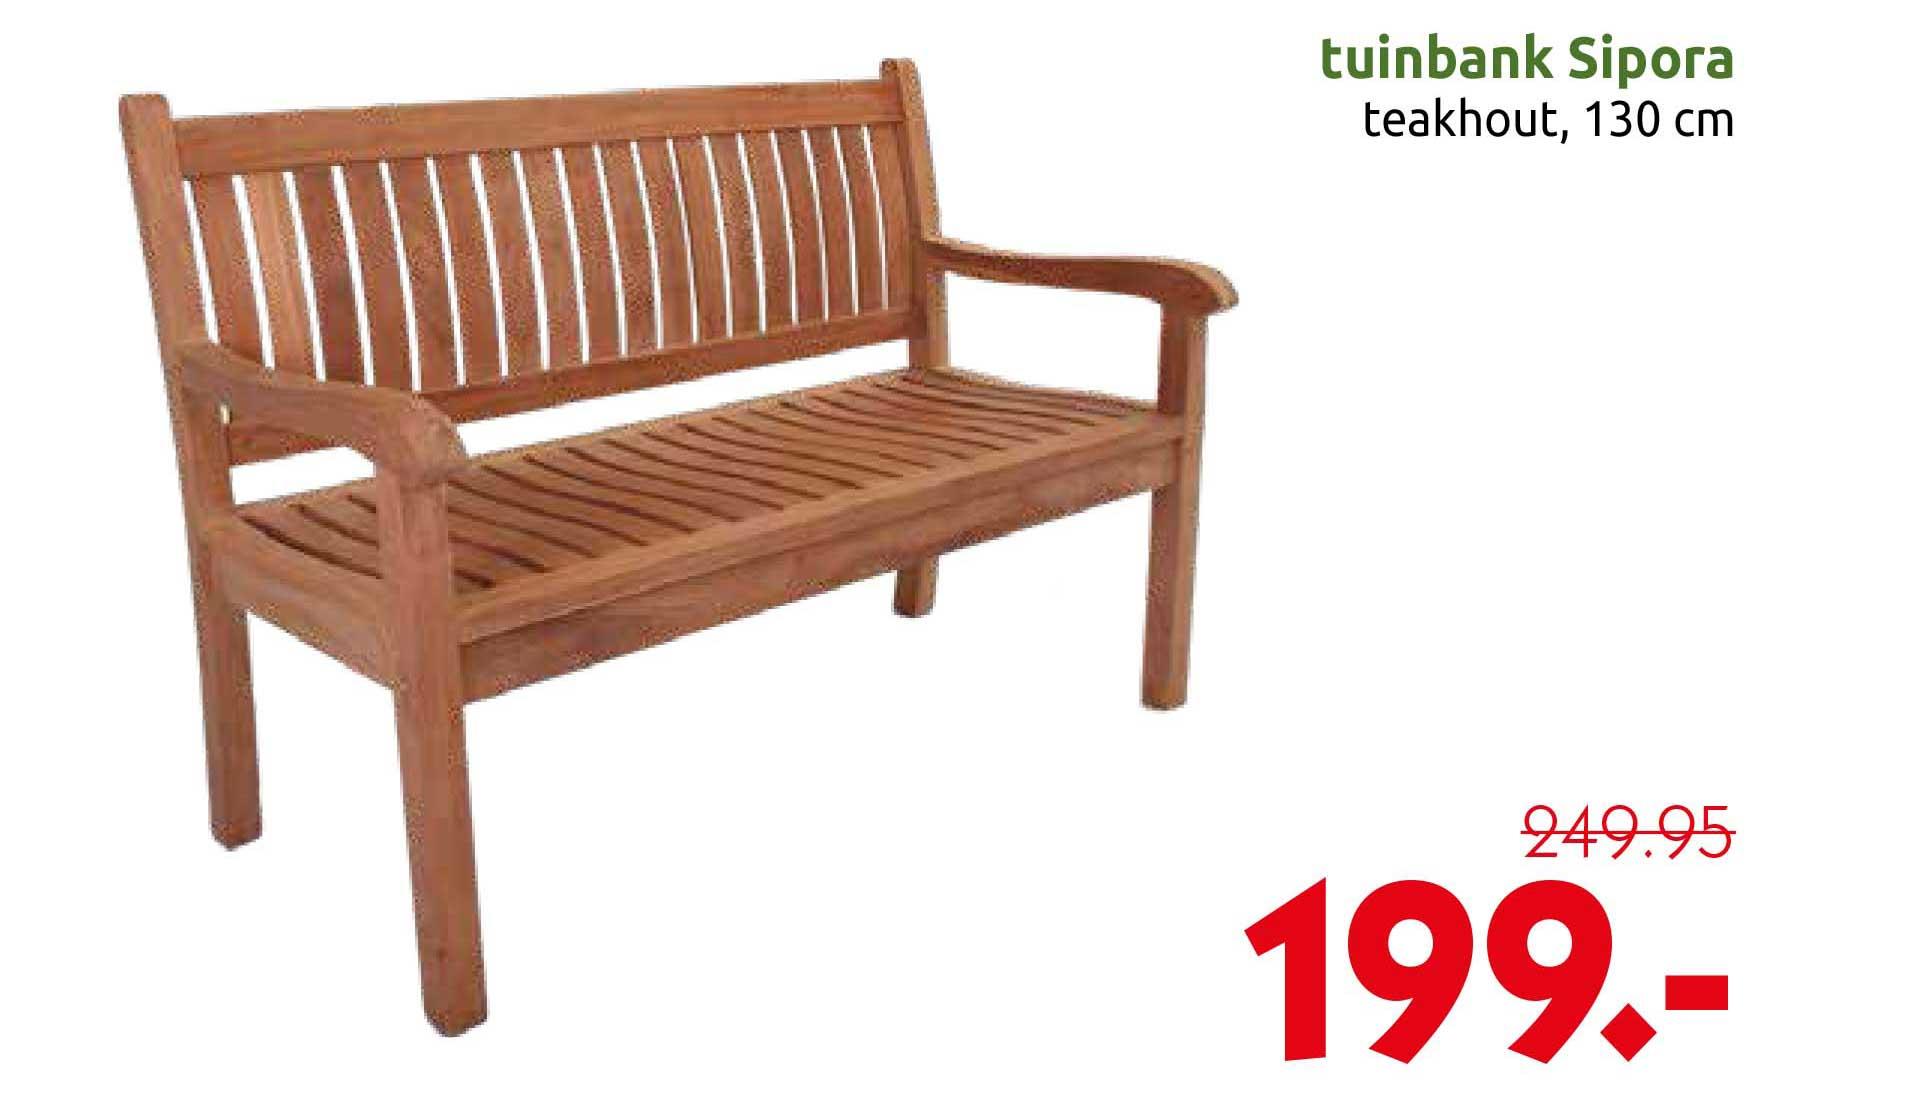 DekaTuin Tuinbank Sipora Teakhout 130 Cm